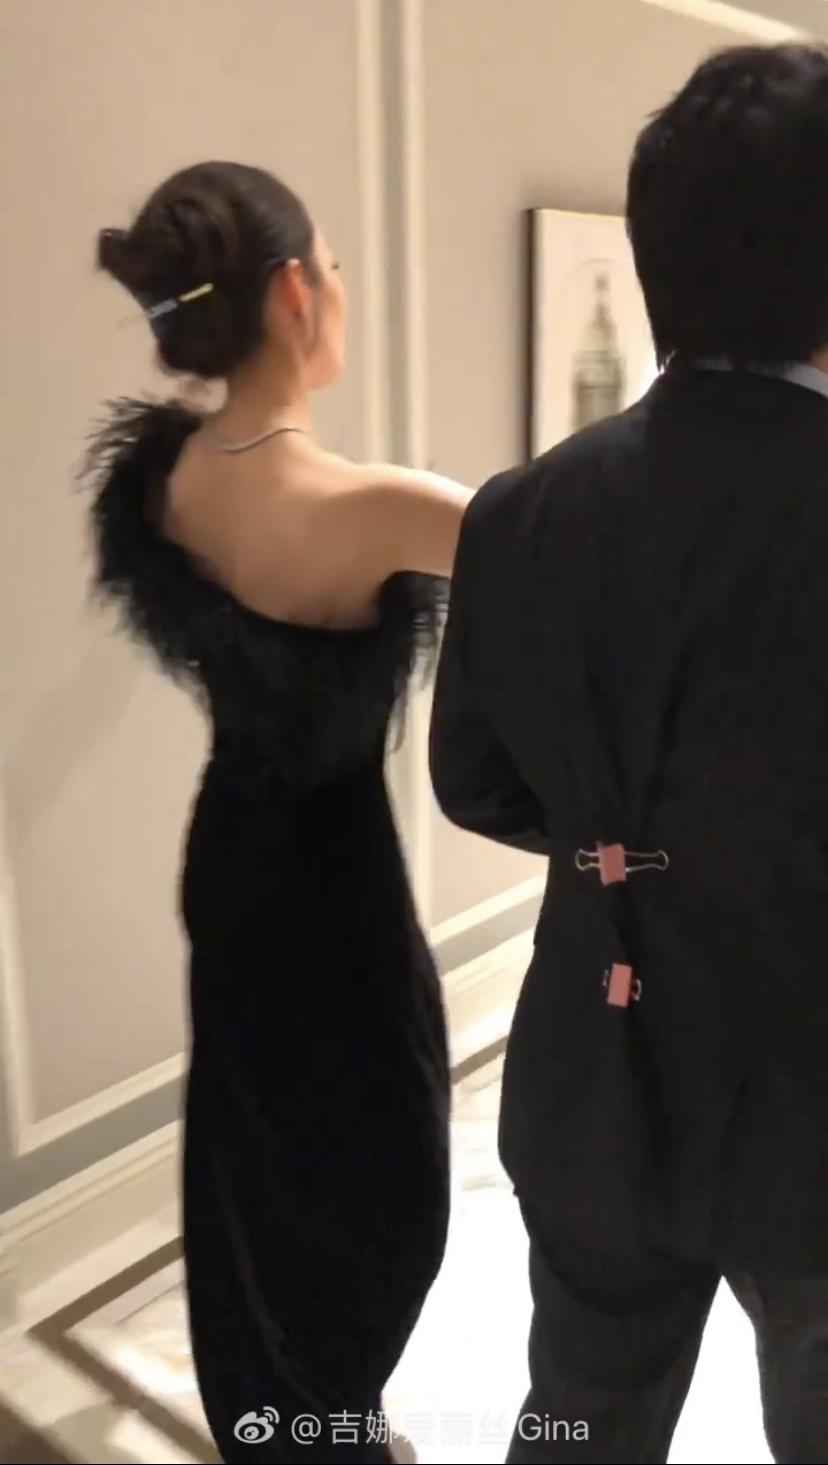 吉娜随音乐起舞婀娜多姿 开心挥动手臂显好身材